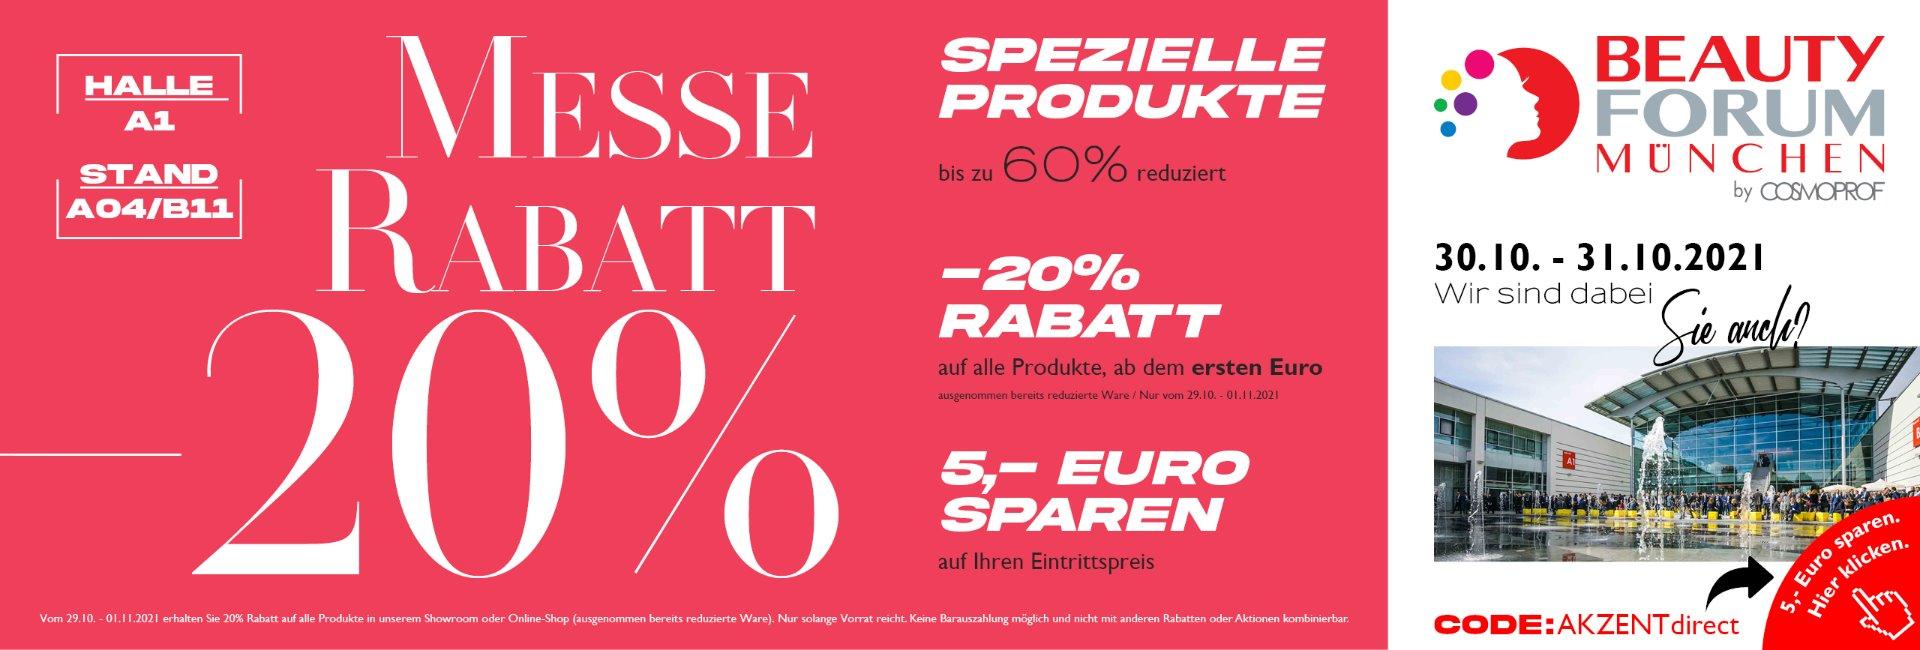 5 Euro Eintritt sparen